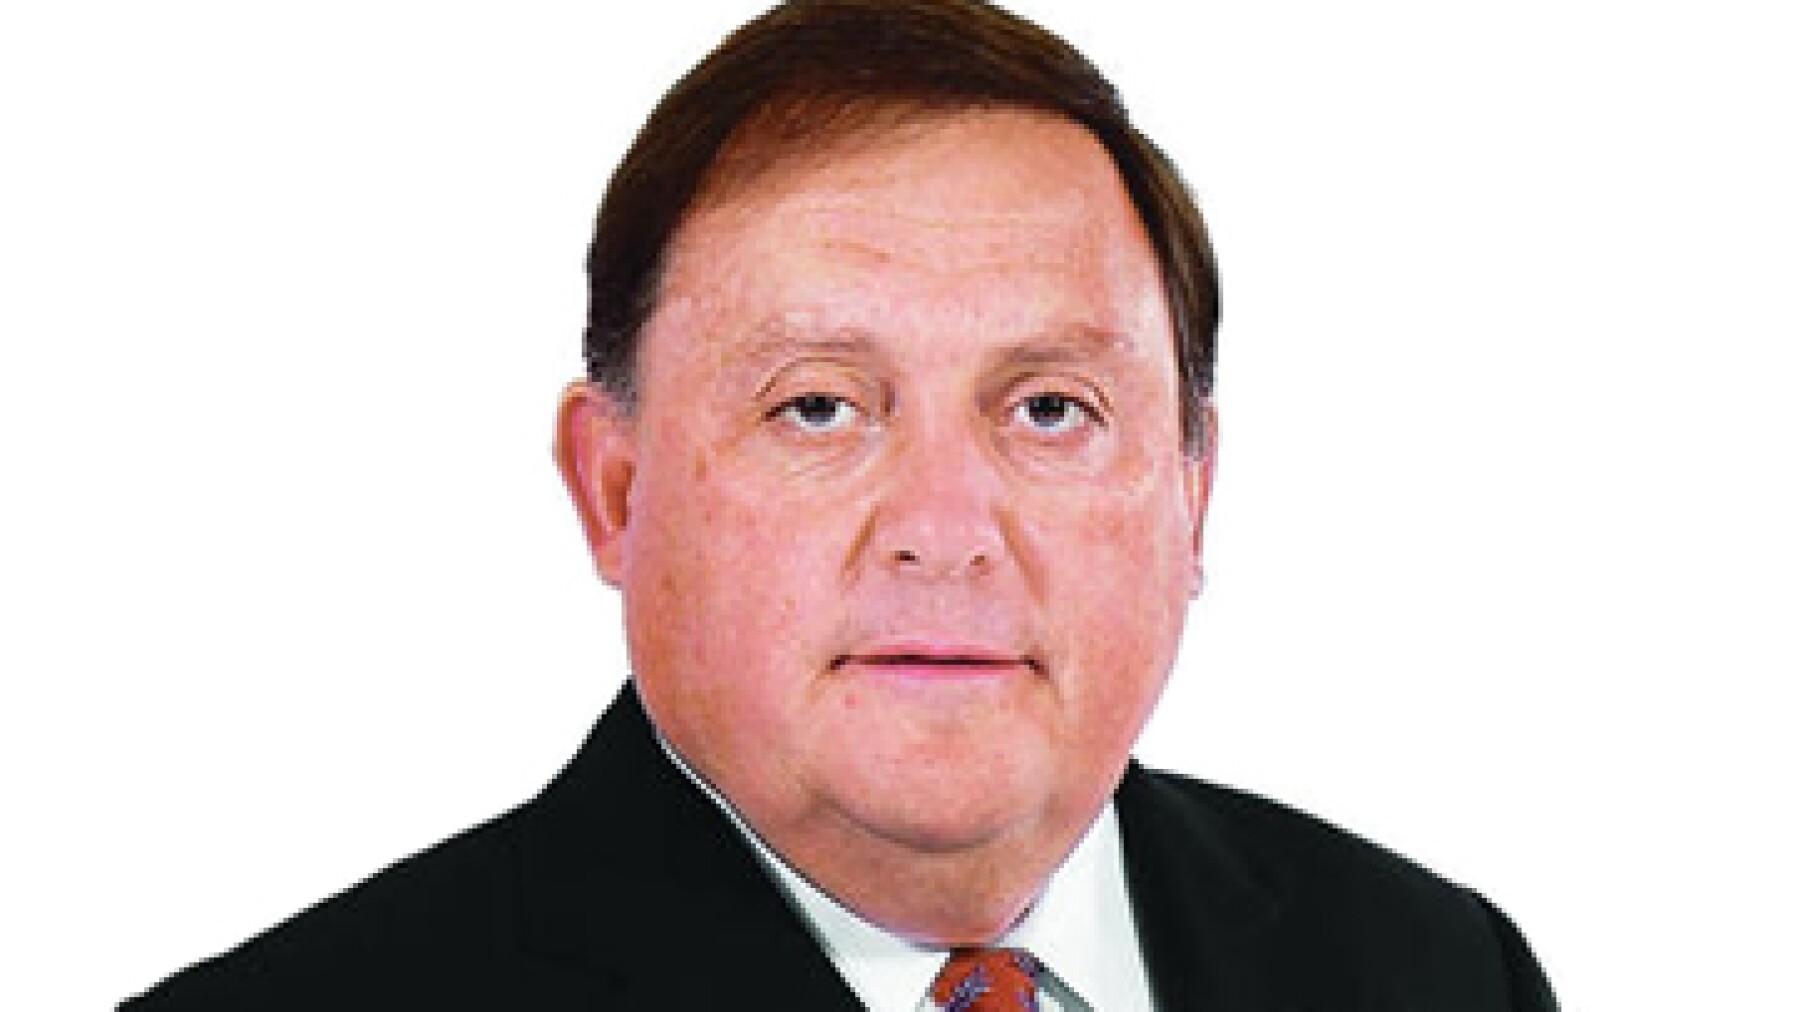 Armando Graza Sada, presidente del consejo de Grupo Alfa, subió tres posiciones en el ranking 2012 de 'Los 100 empresarios más importantes de México' 2012. (Foto: Especial)